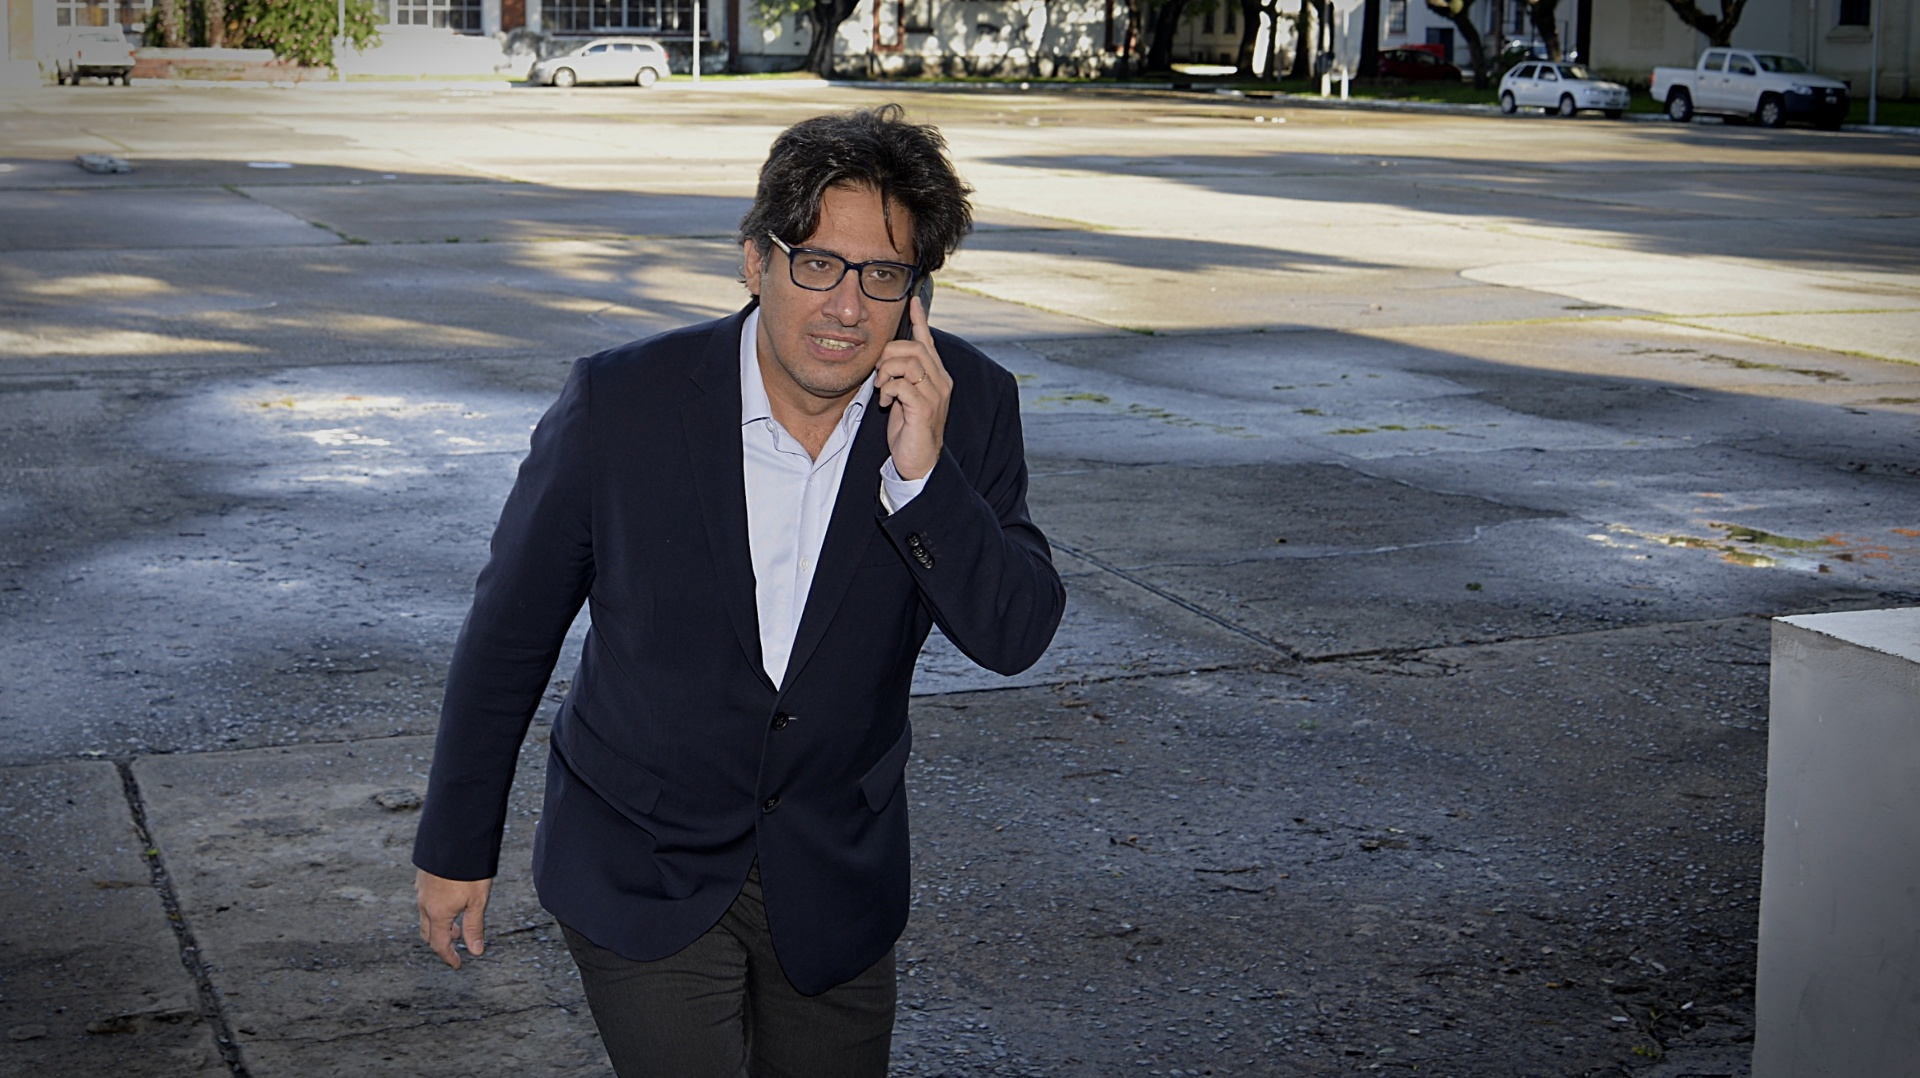 El ministro de Justicia Germán Garavano espera que la Corte falle a favor del Gobierno (Foto: Gustavo Gavotti)